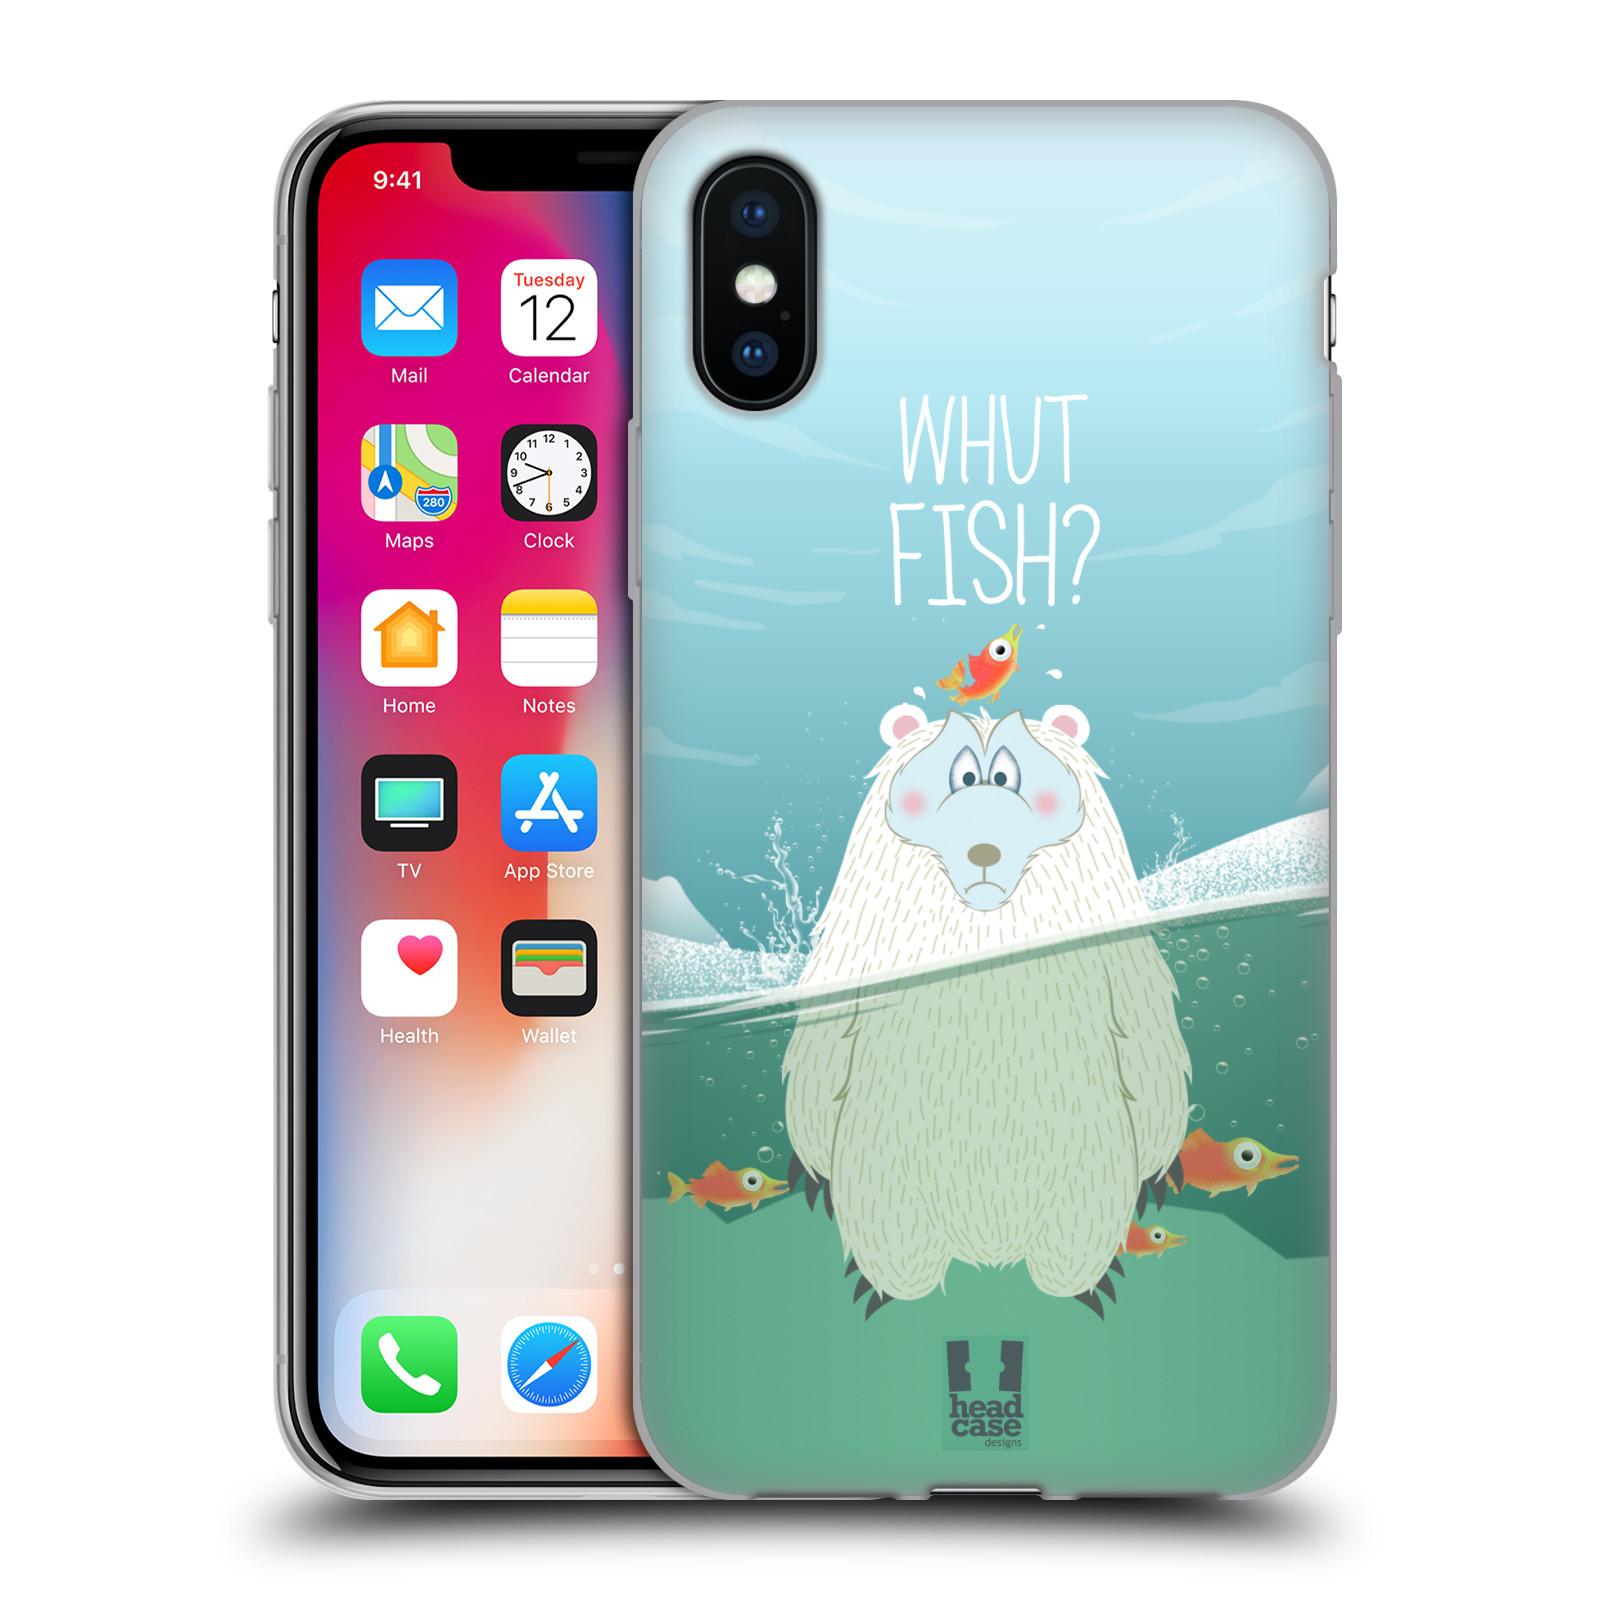 Silikonové pouzdro na mobil Apple iPhone XS - Head Case - Medvěd Whut Fish?